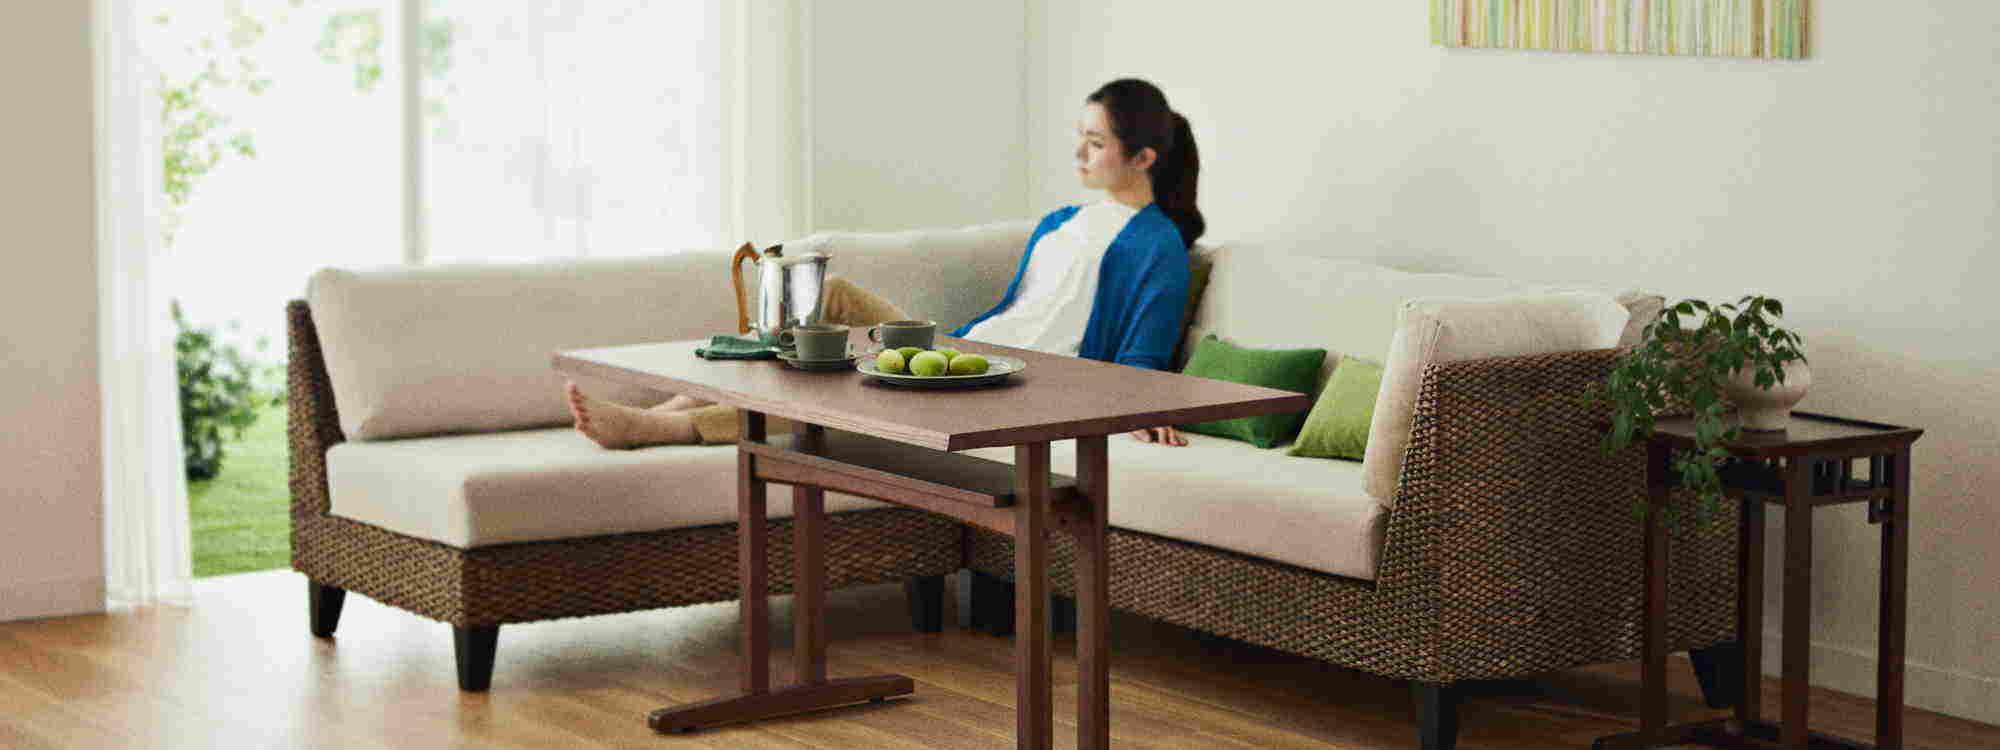 ソファダイニングテーブル ~アジアン家具~